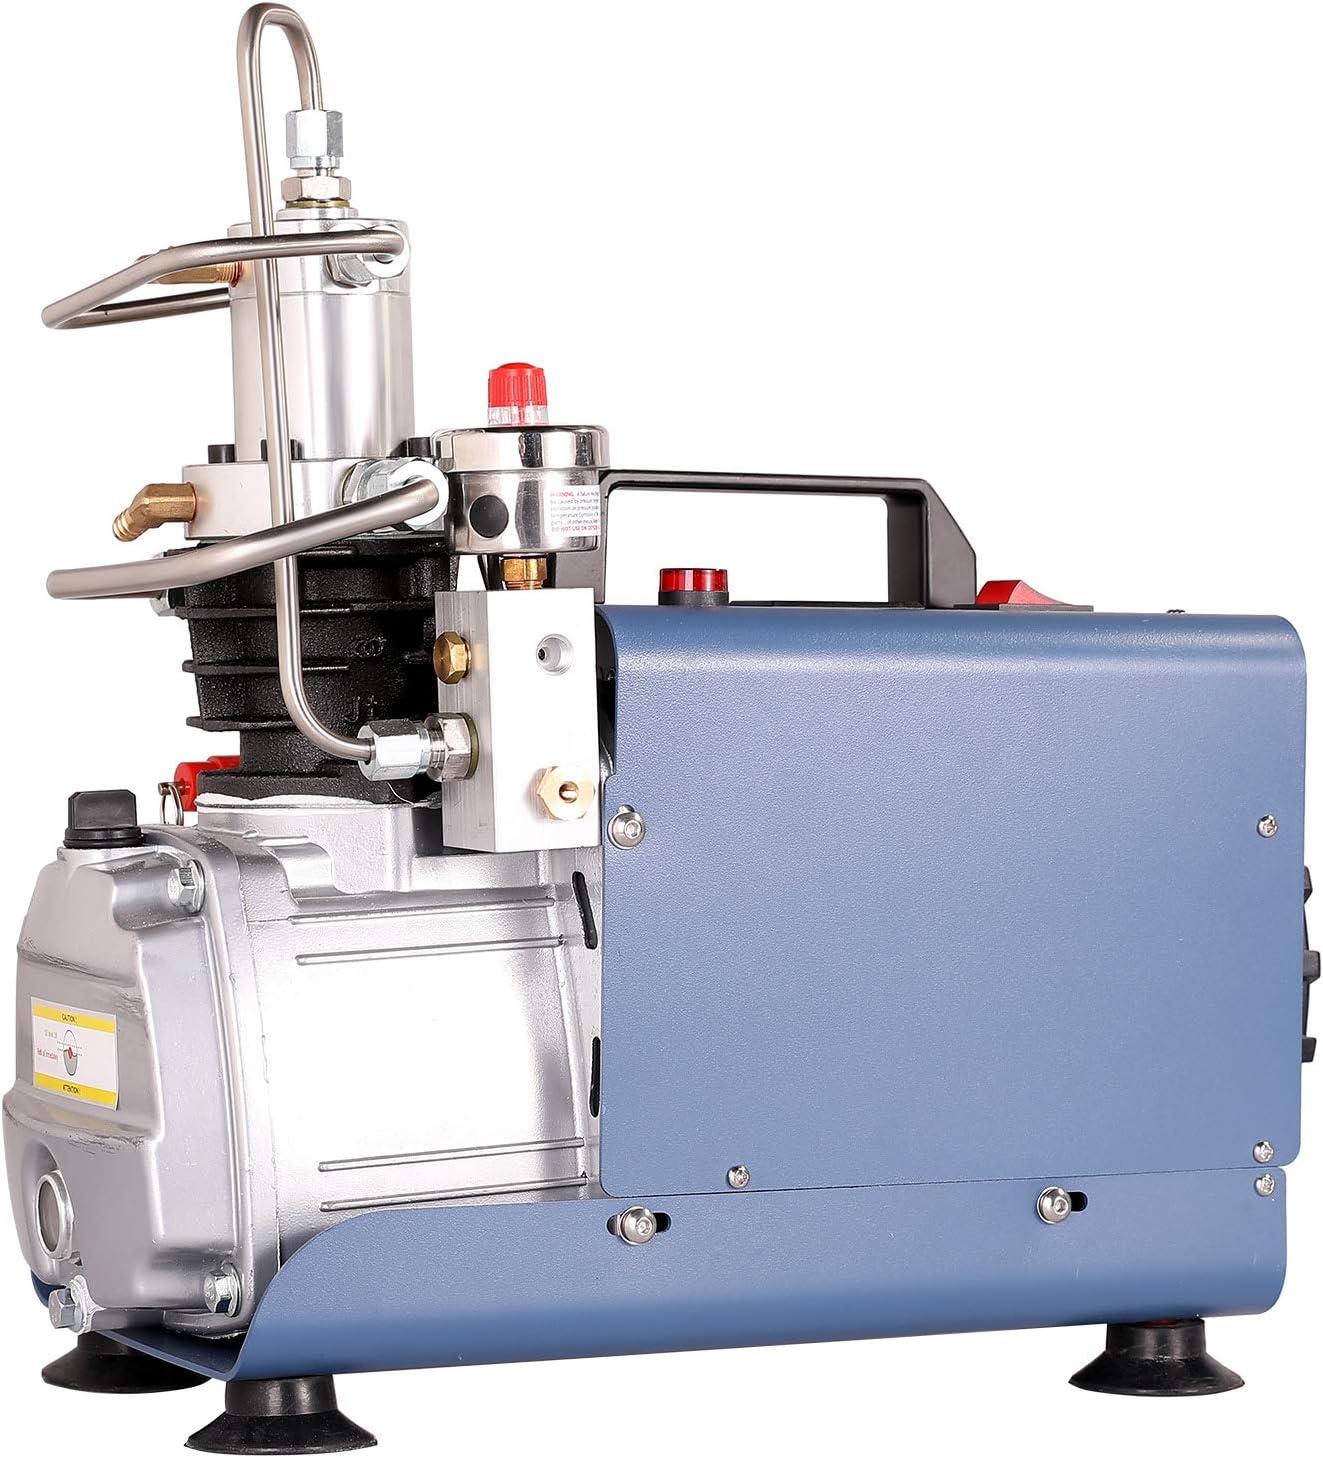 Sfeomi Automatisch Luftkompressor Pumpe Stopp Kompressor 1800w 30mpa 4500psi Hochdruck Hochdruckluftpumpe Kompressorpumpe Pcp Inflator Für Die Aufblasflasche Baumarkt